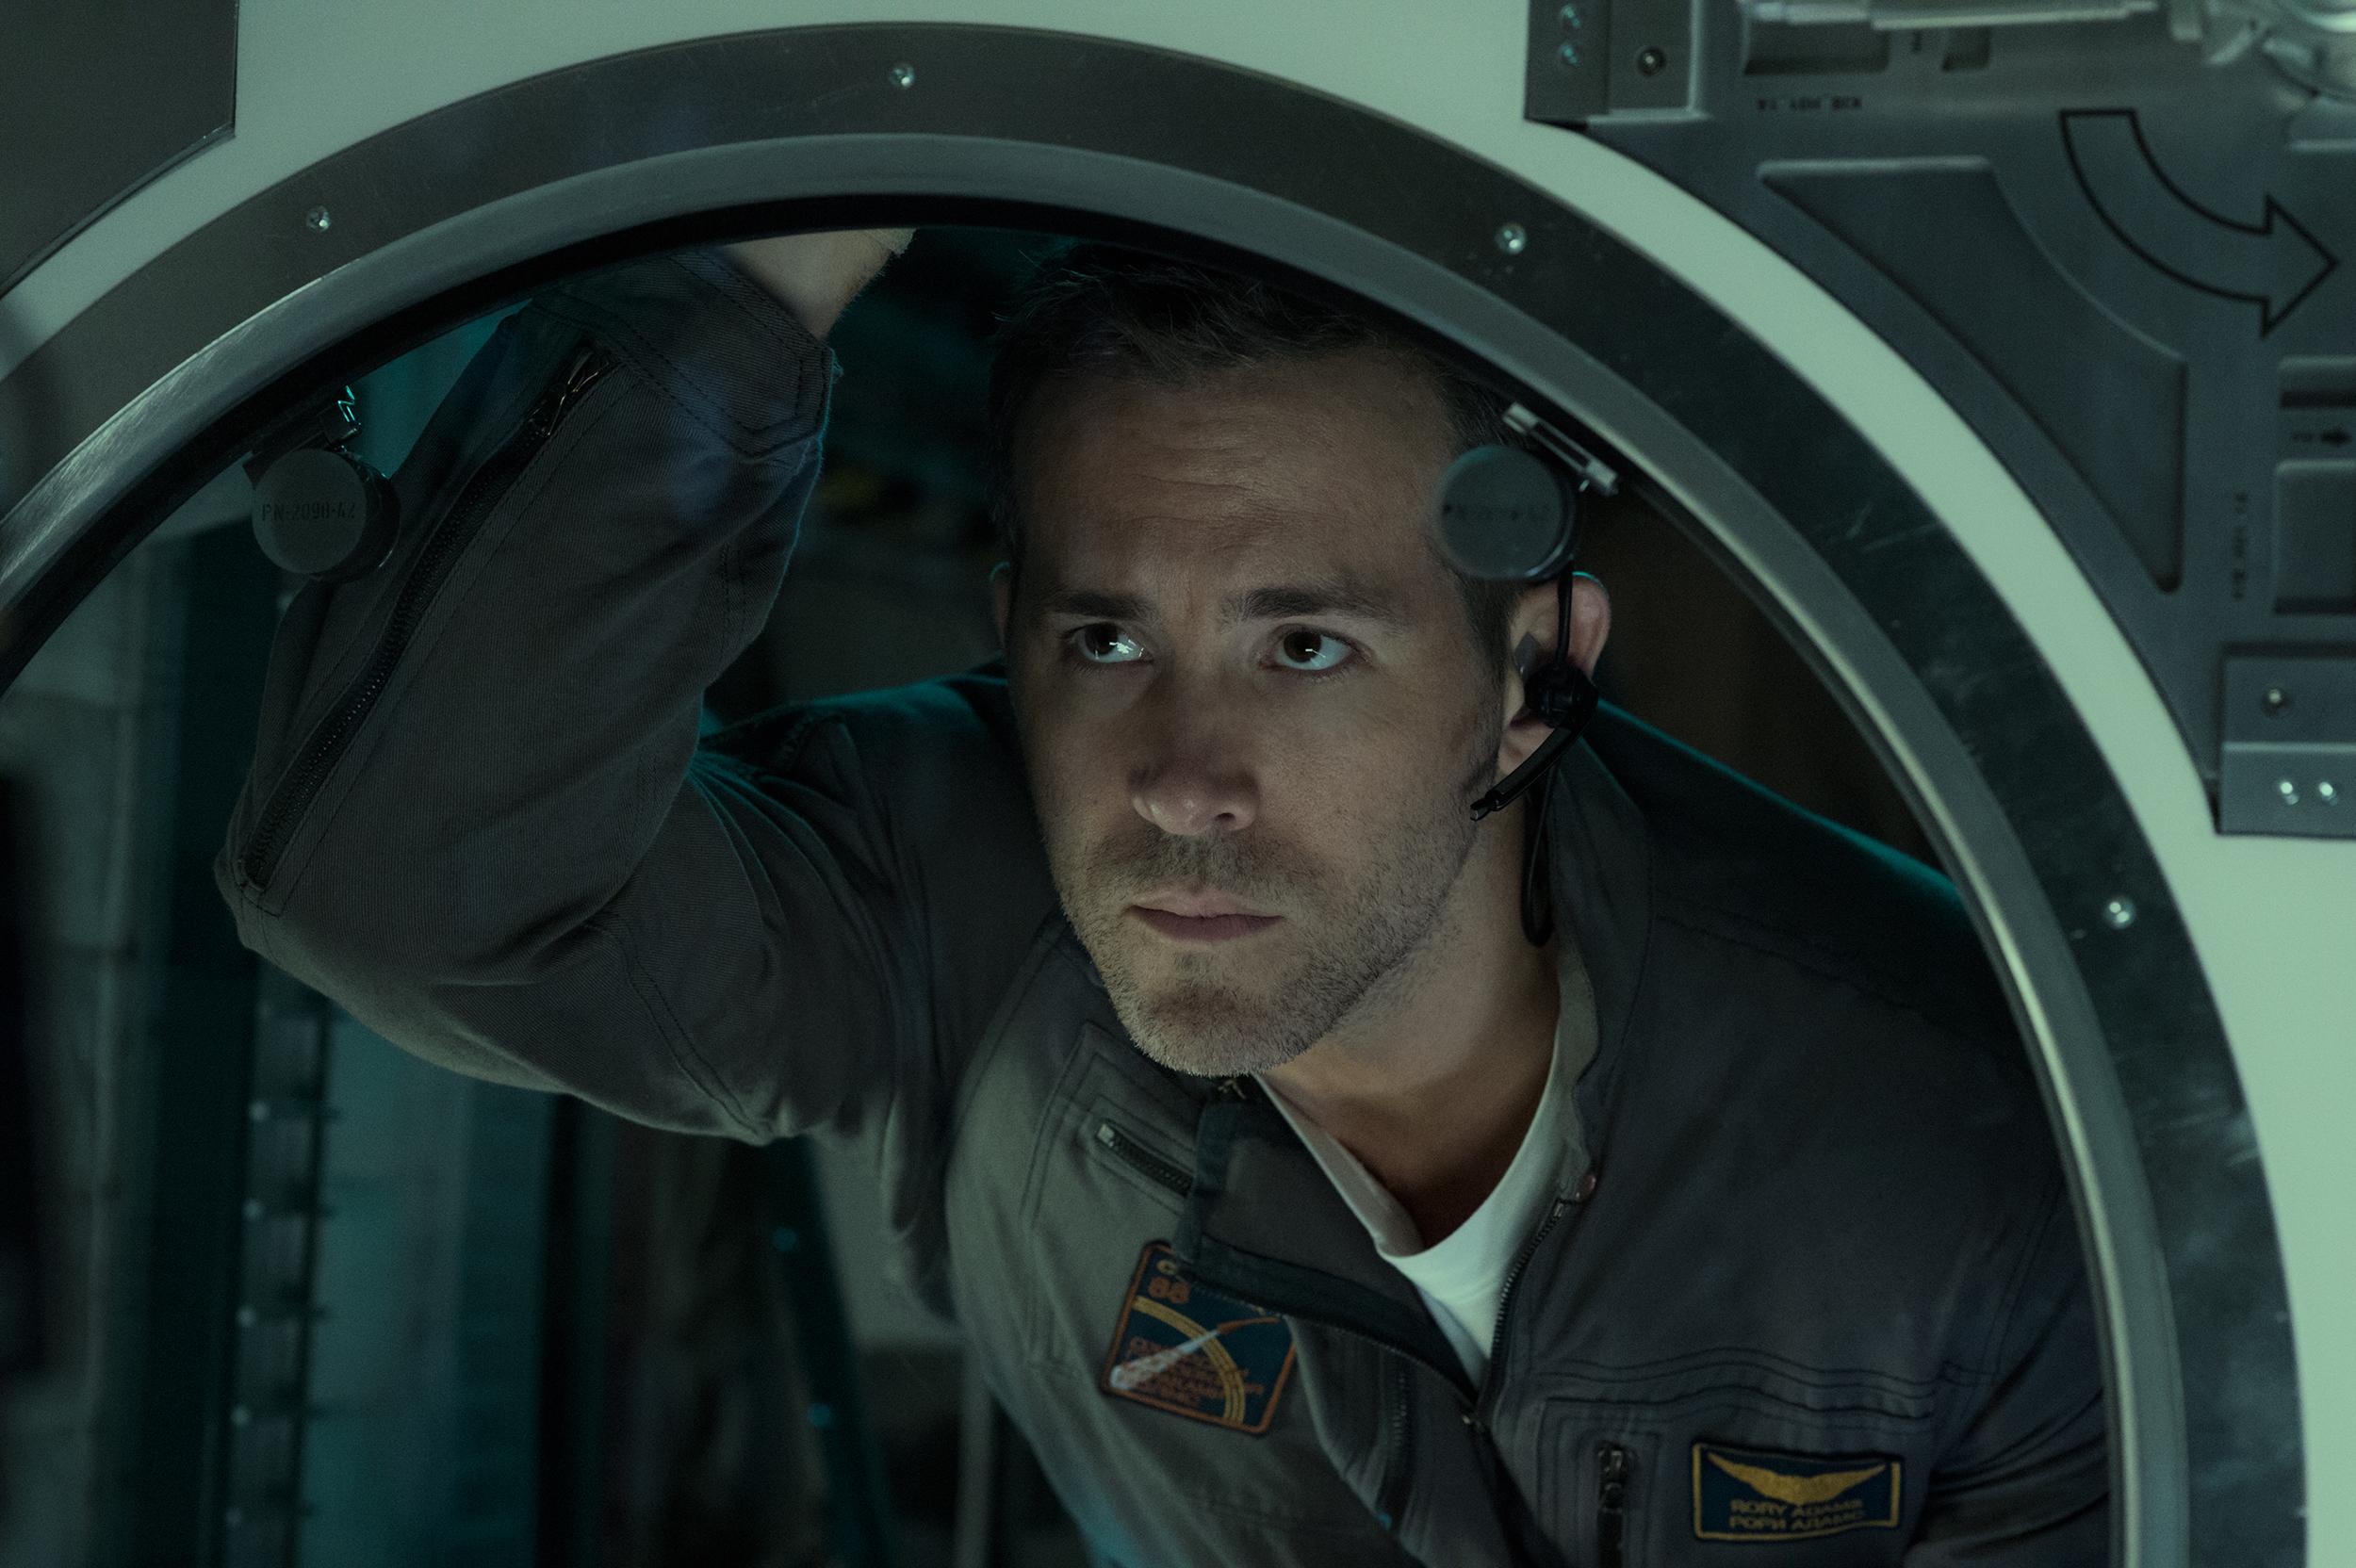 'Vida', segundo filme mais visto, é disponibilizado pela Netflix